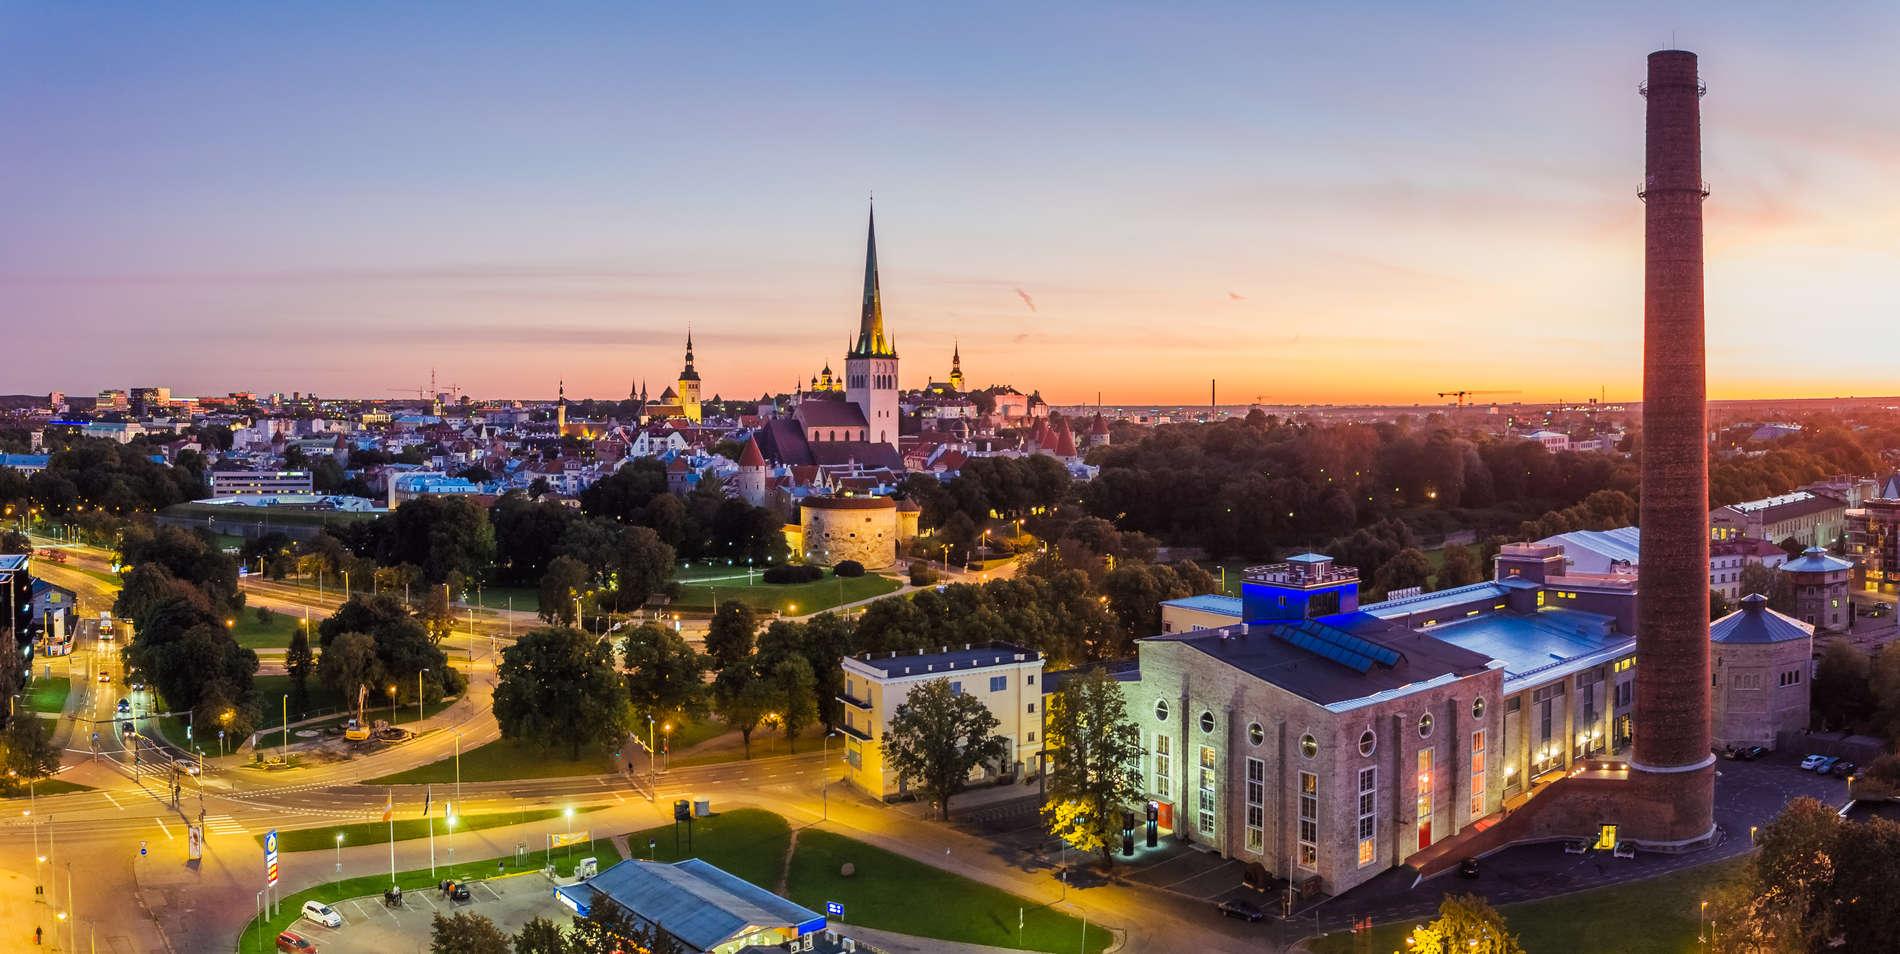 Tallinn Creative Hub (Kultuurikatel) in Estonia